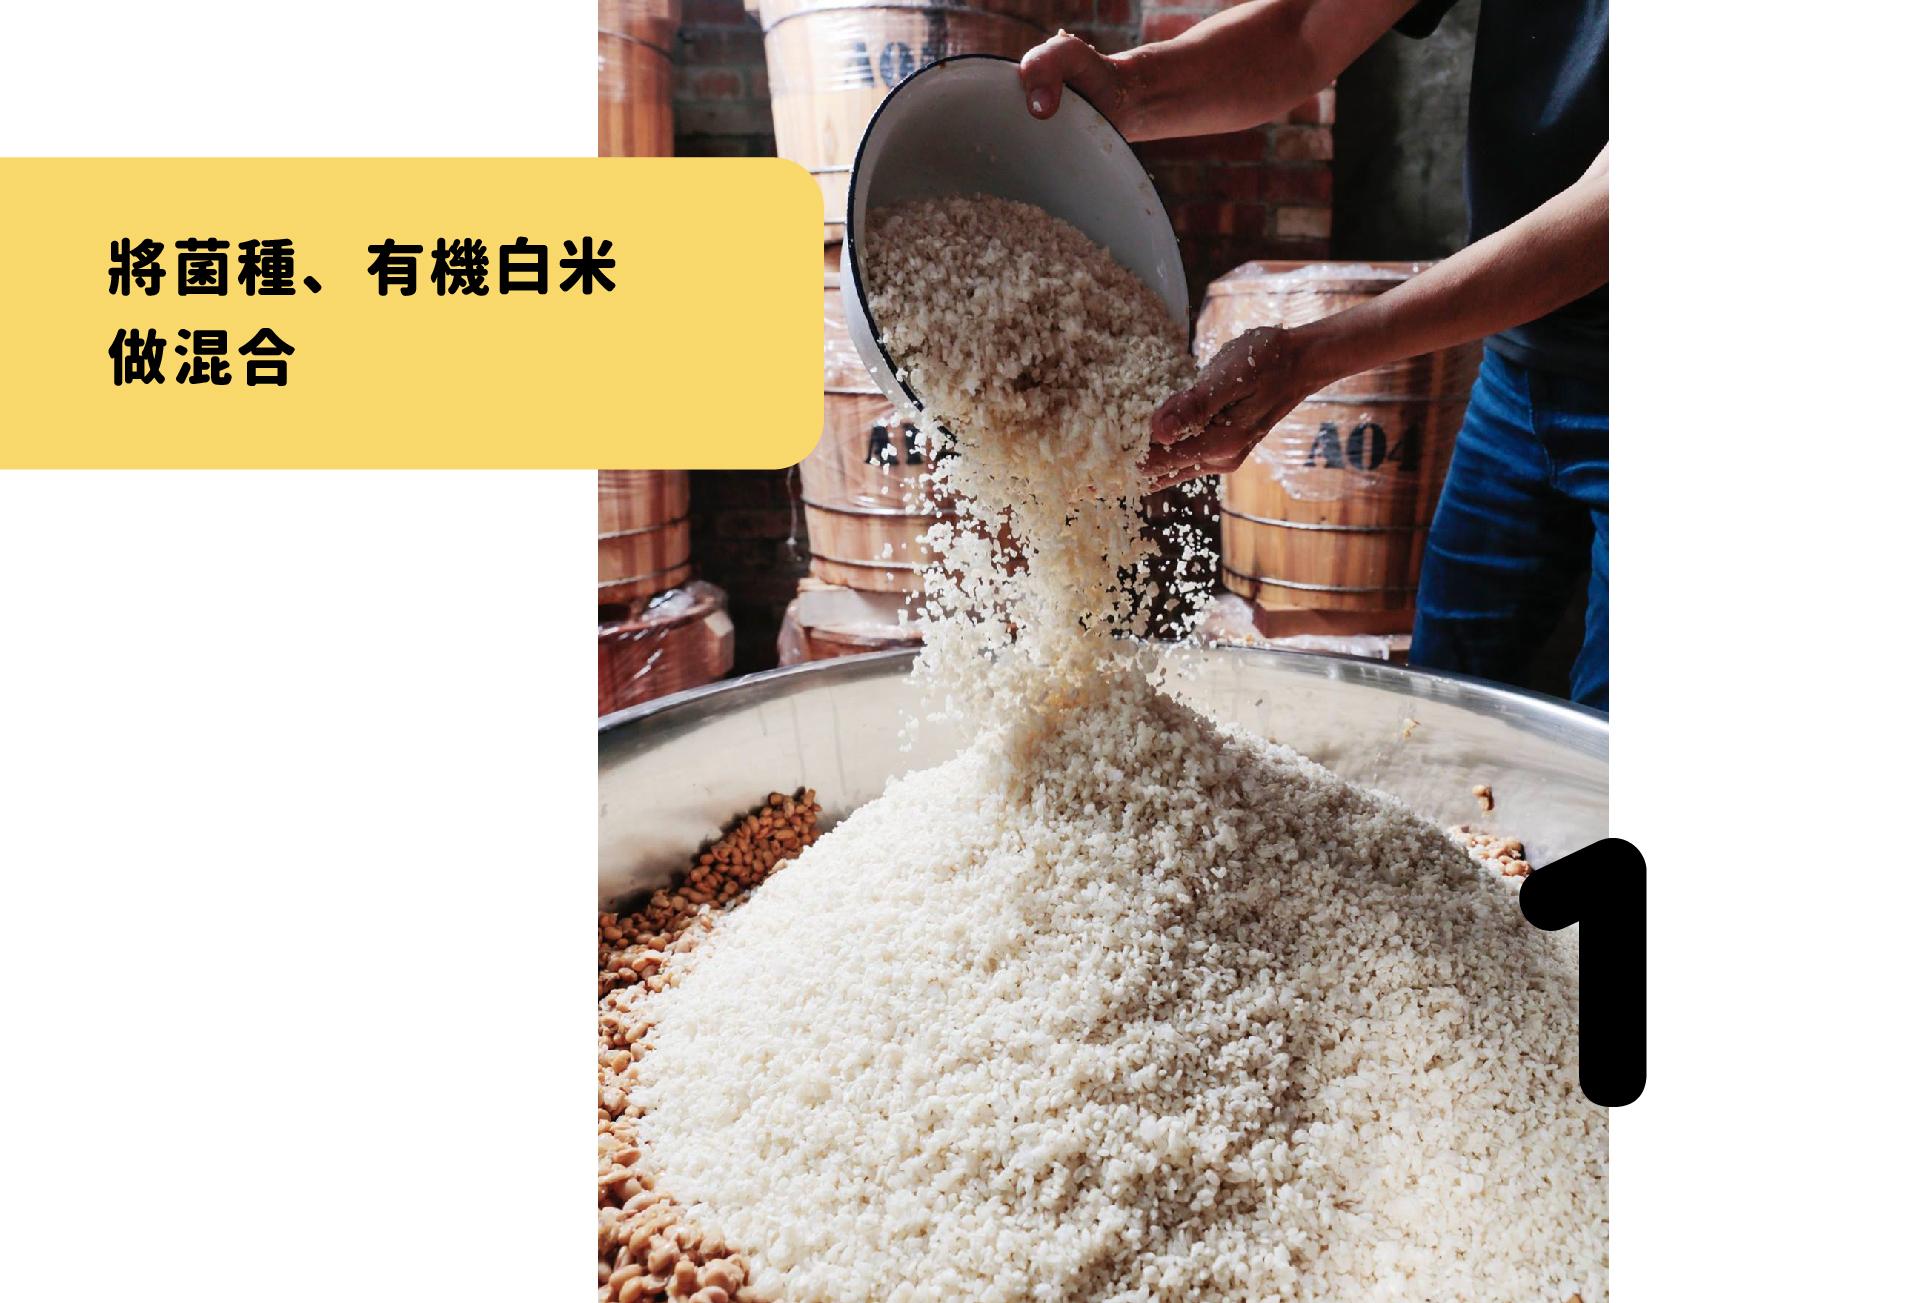 將菌種、有機白米做混合